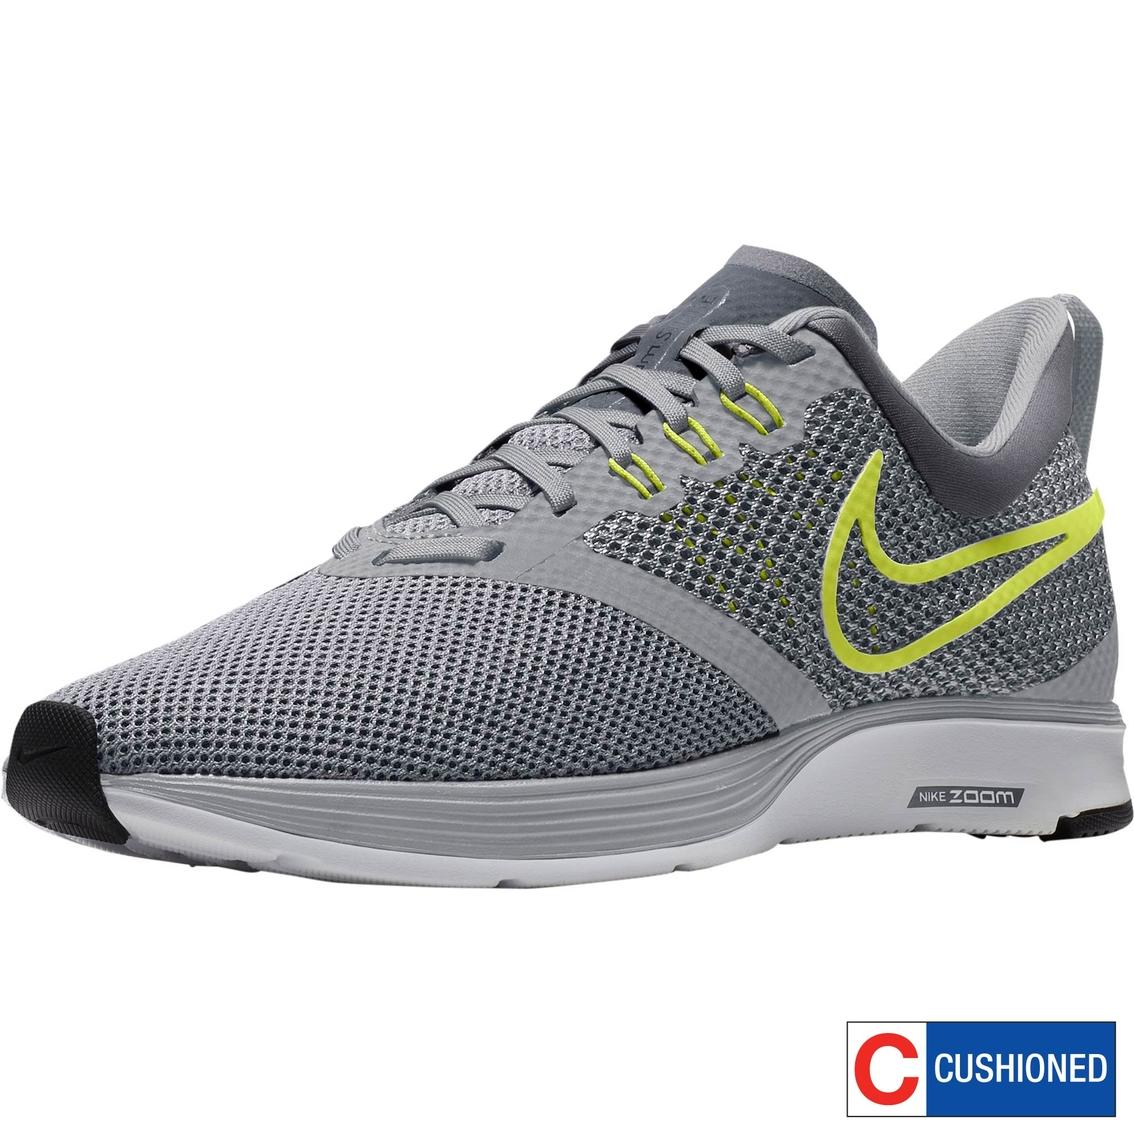 best website 708e3 c4235 Nike Men's Zoom Strike Running Shoes | Running | Shoes ...